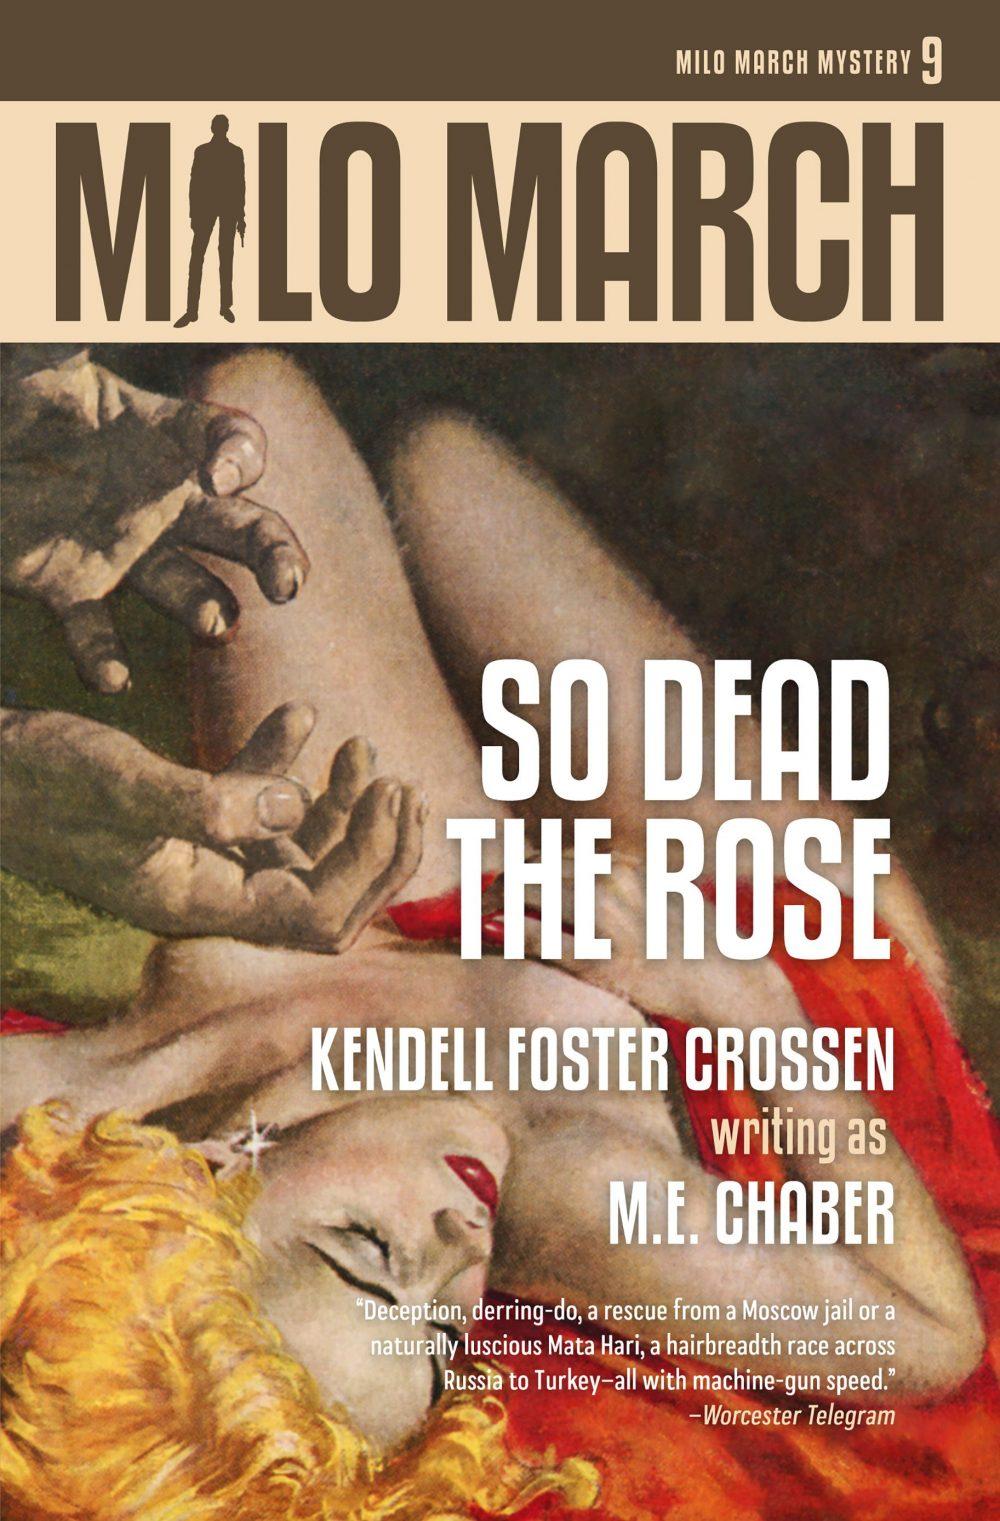 Milo March #9: So Dead the Rose